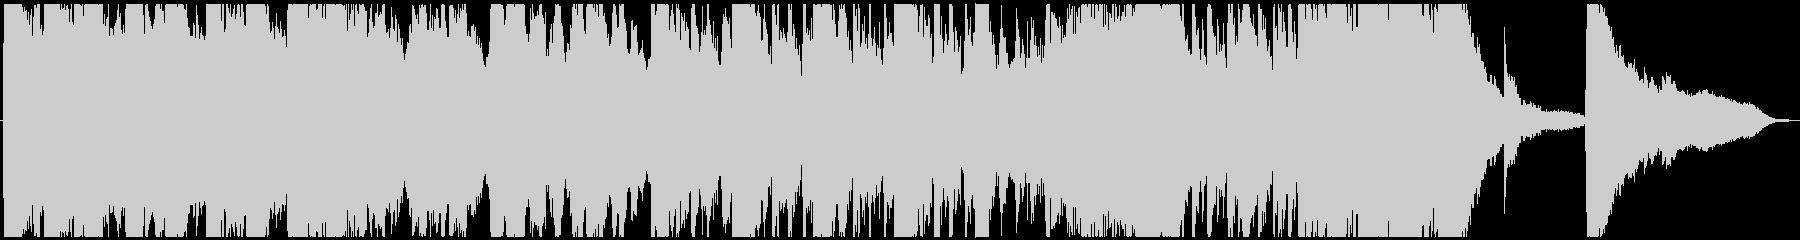 アクションシーン向けのEPICMUSICの未再生の波形